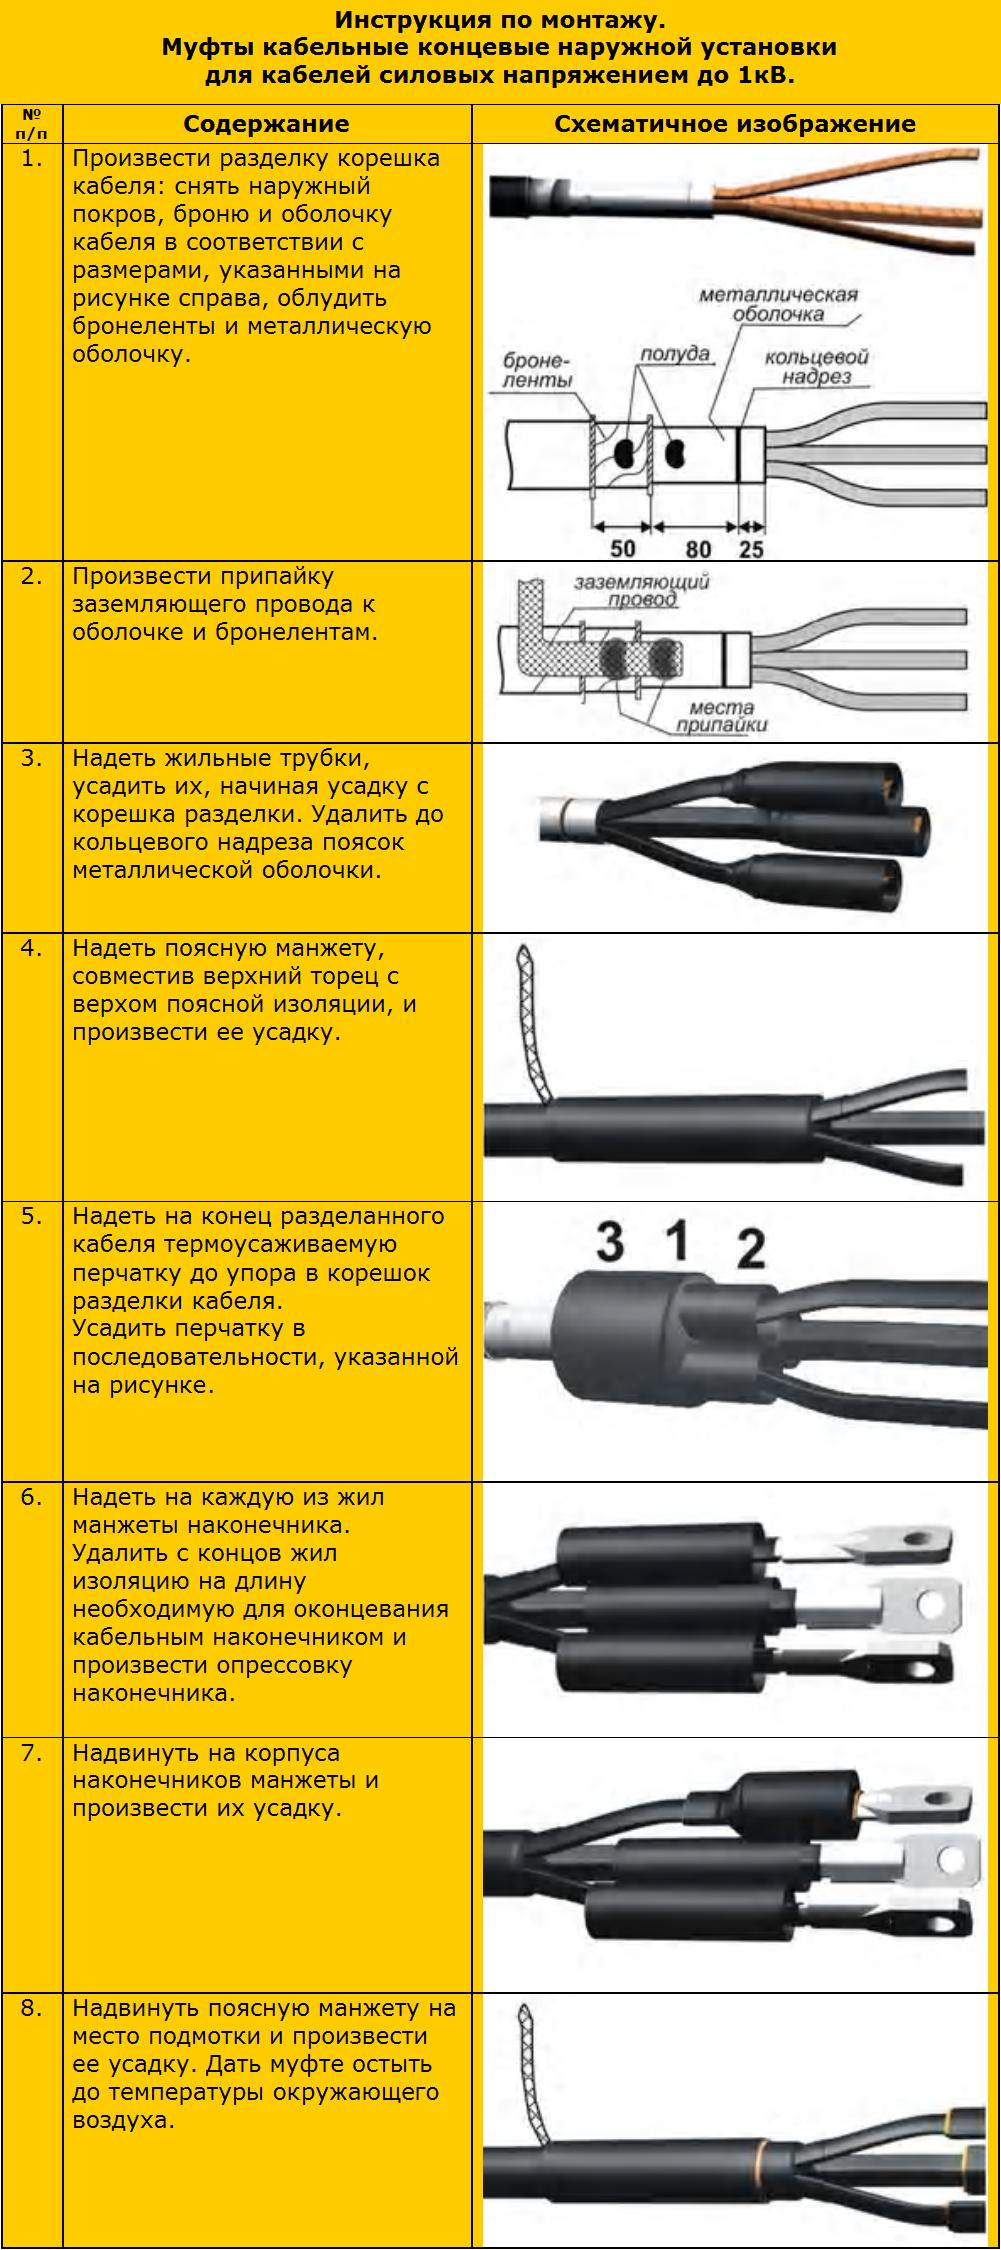 Монтаж концевой муфты на кабеле из сшитого полиэтилена инструкция 69